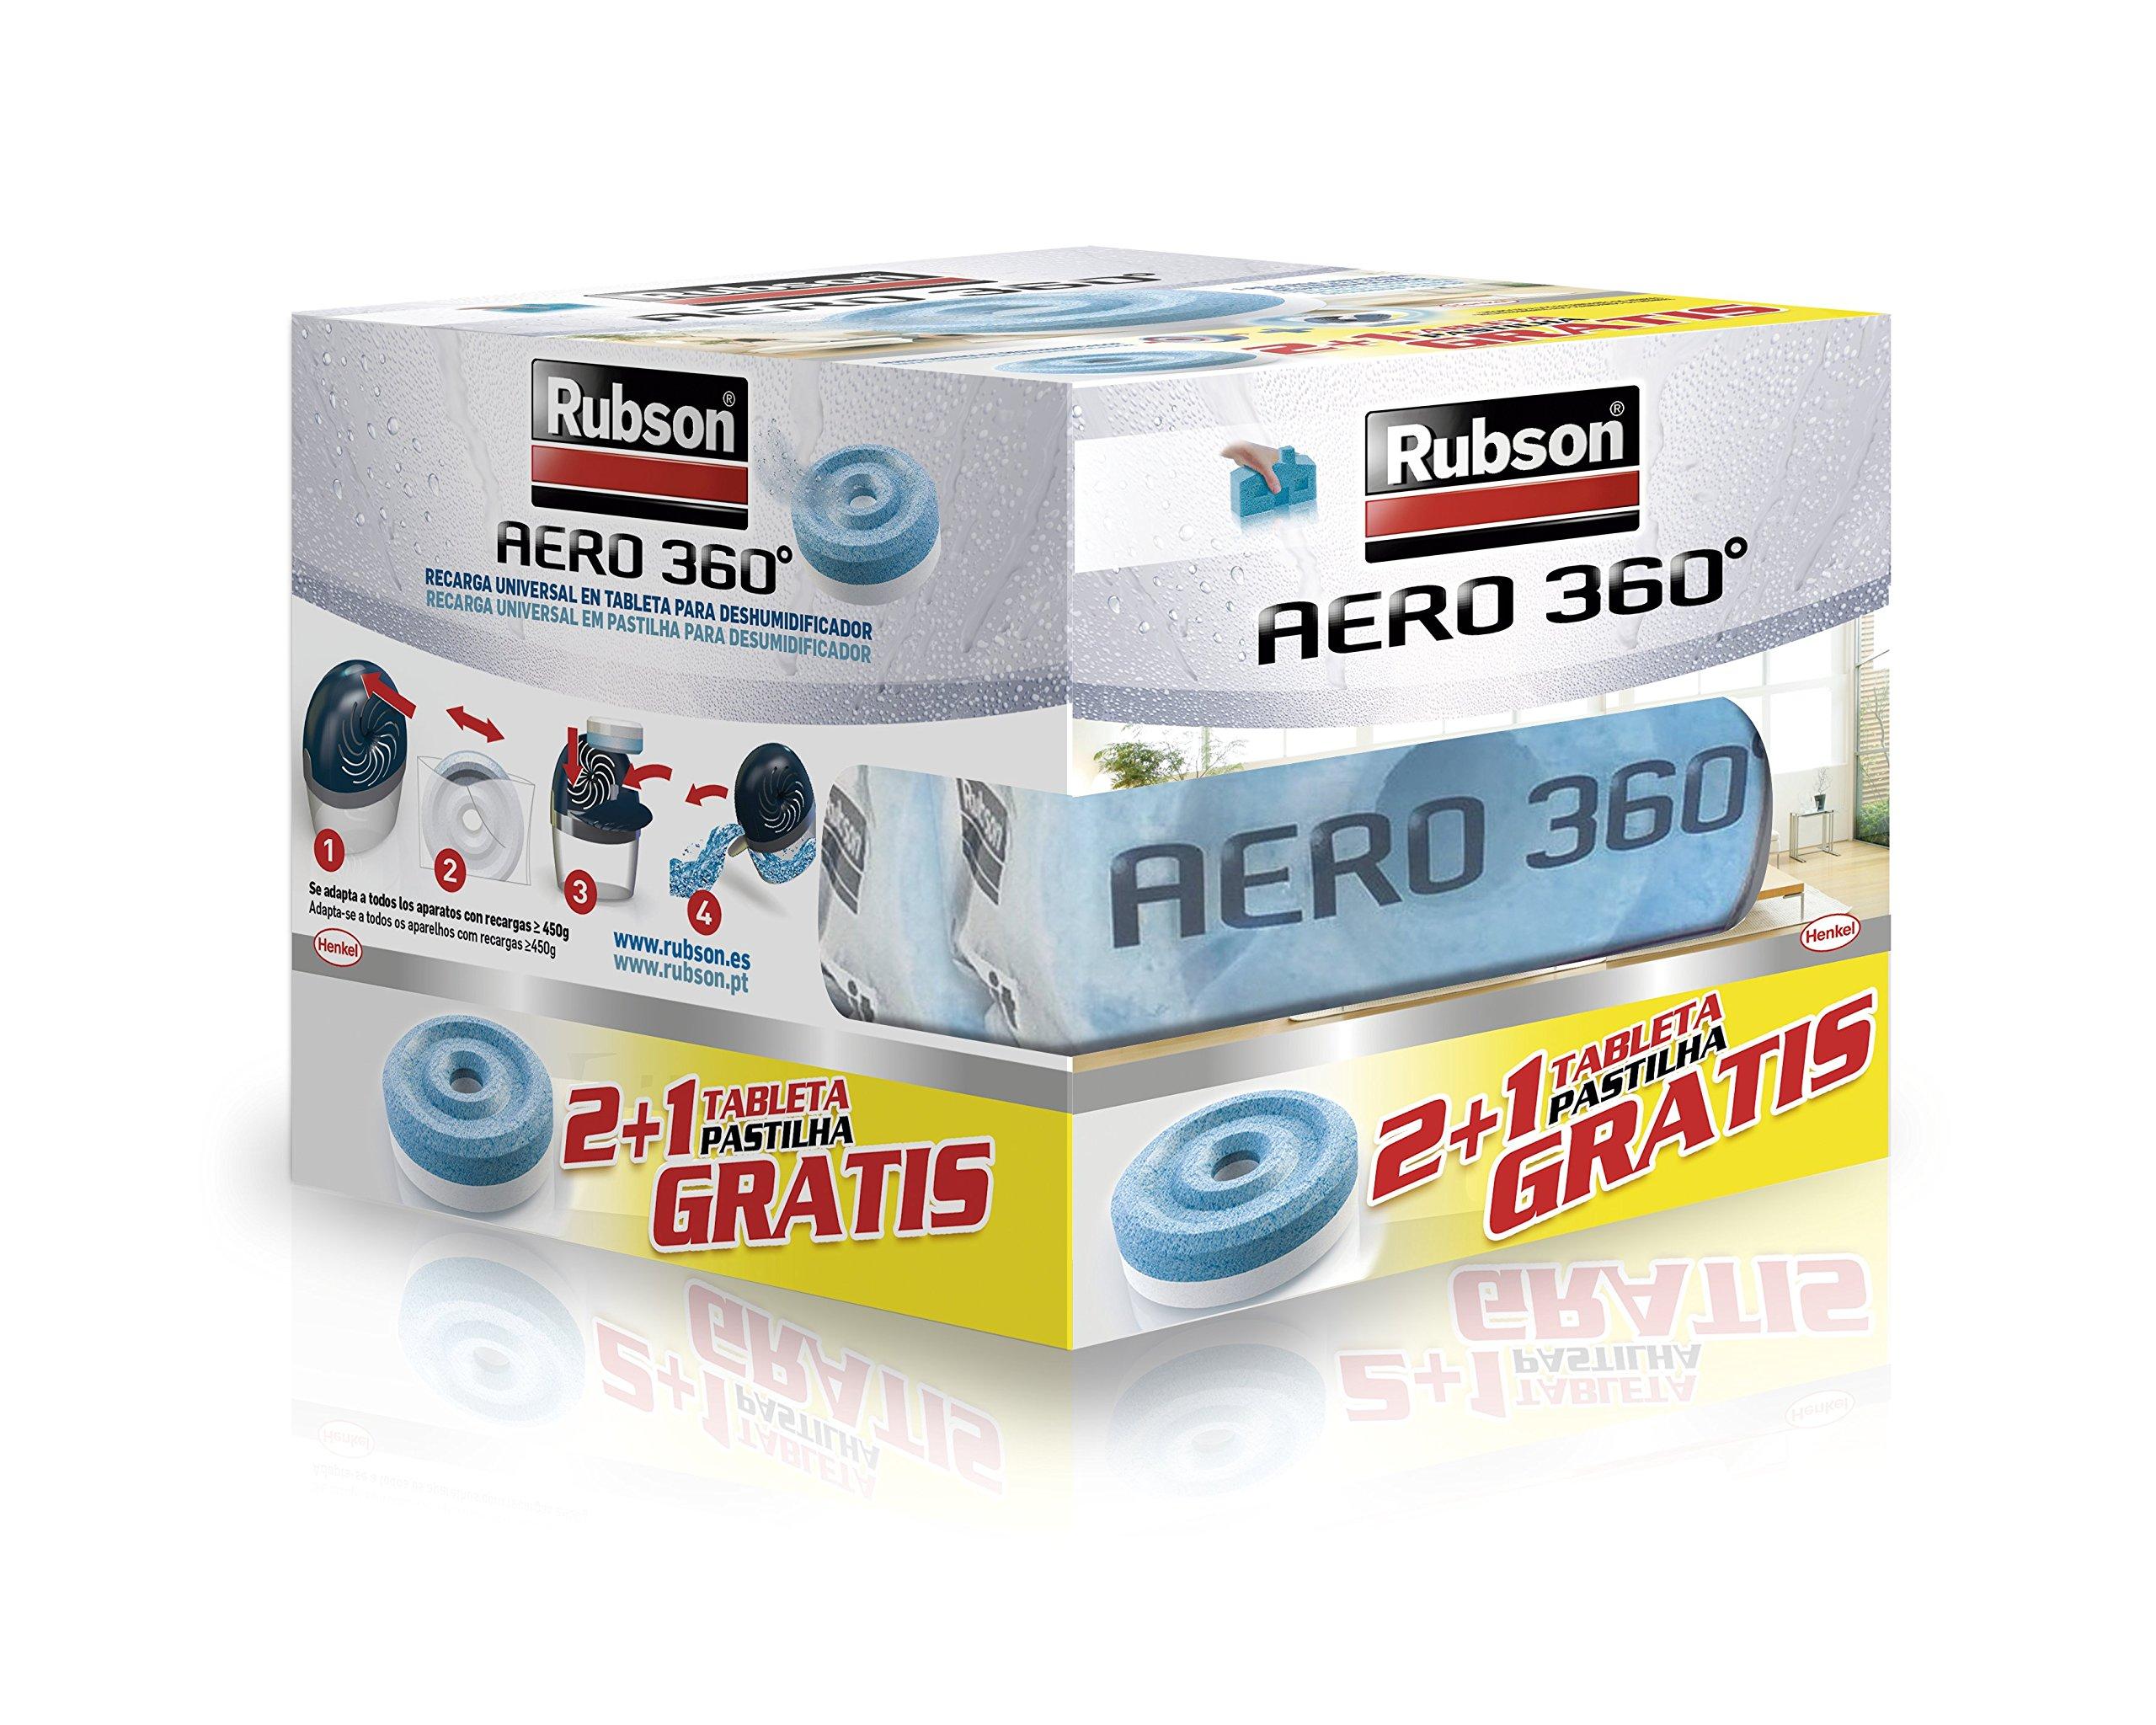 Rubson 2178378 Tabletas De Recambio Set de 3 Piezas product image